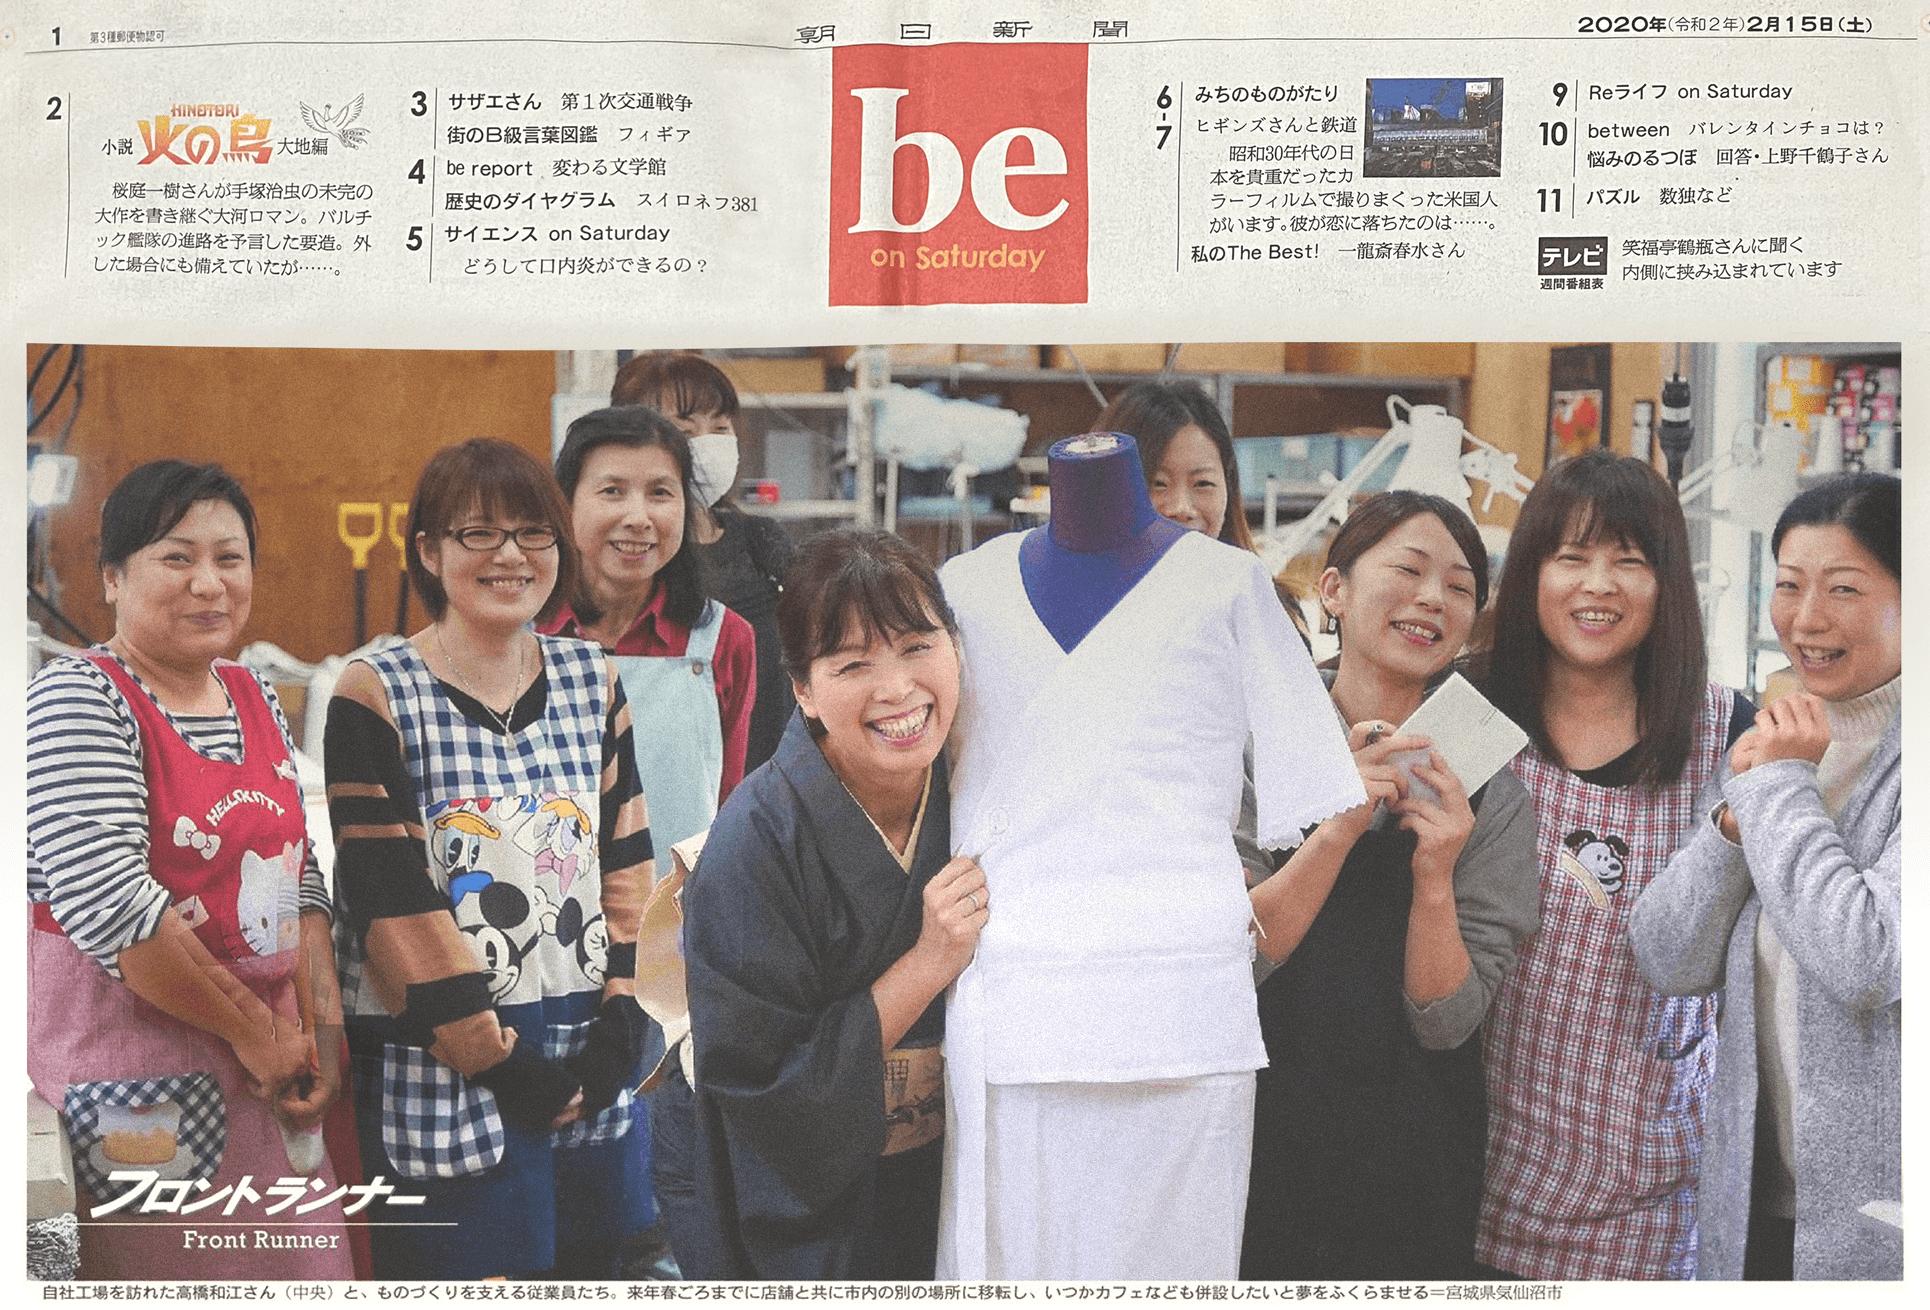 朝日新聞記事1